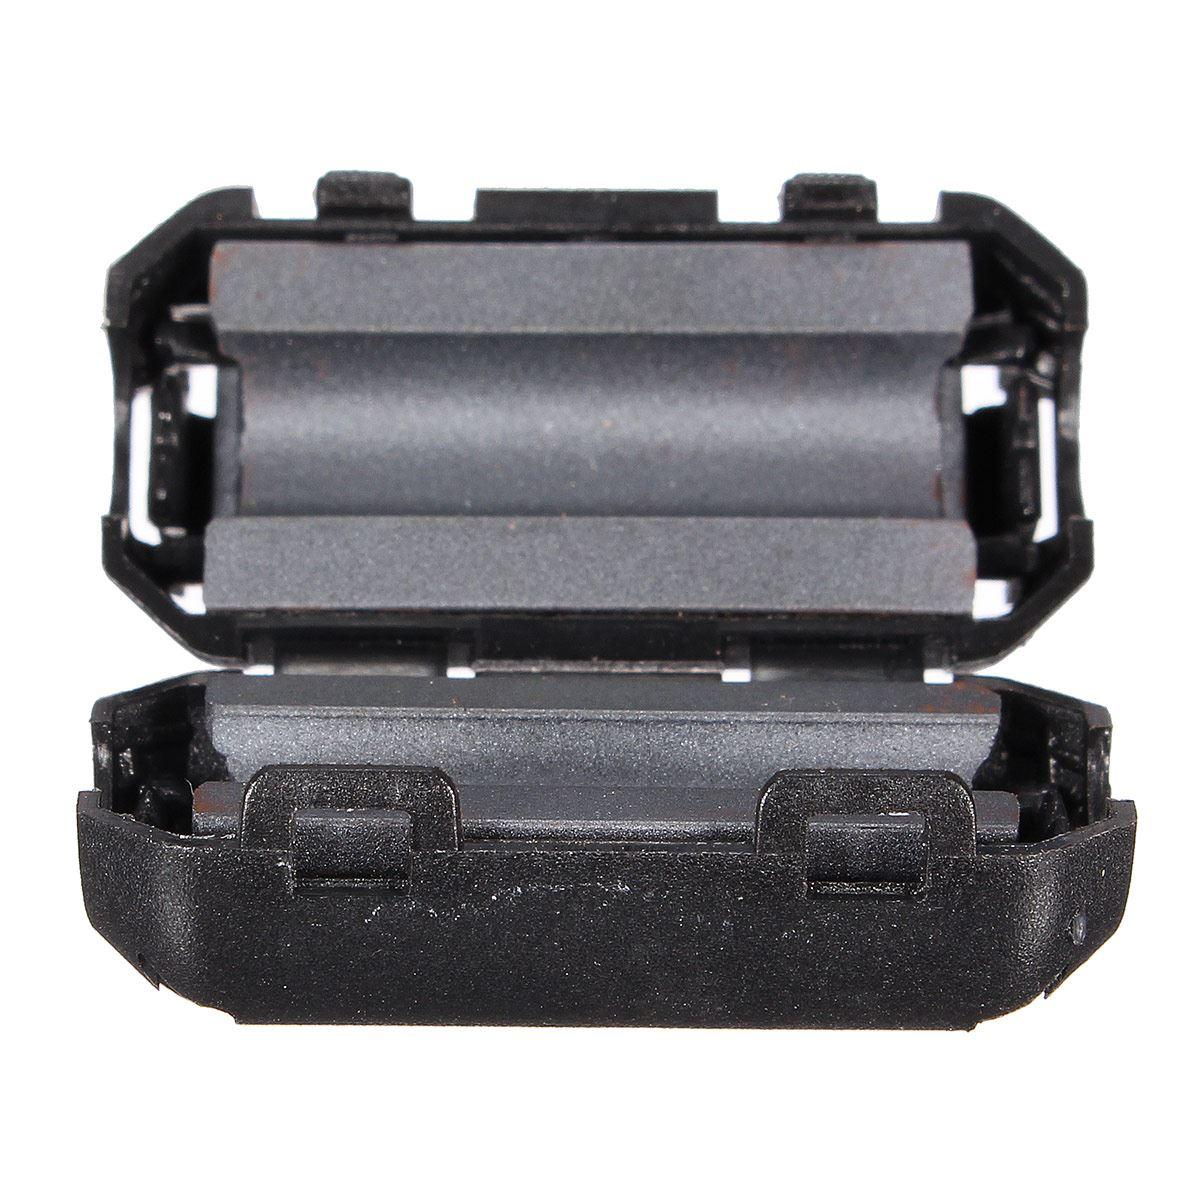 5 шт./лот черная пластиковая клипса на EMI RFI подавитель шума 5 мм кабель ферритовый сердечник фильтры съемные 25(L) x10(W) мм 5 мм